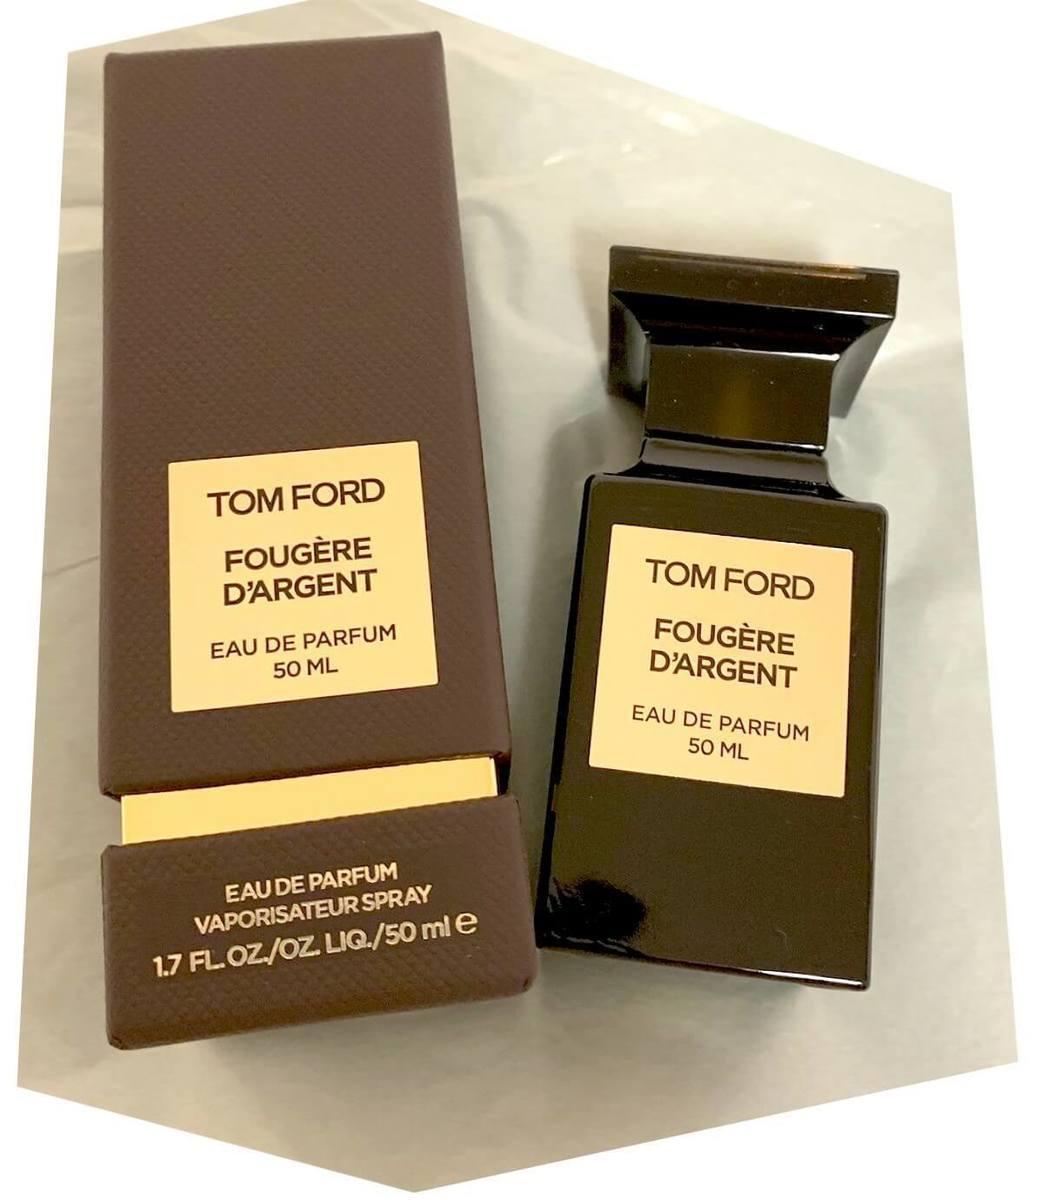 魅惑の香り「TOM FORD(トムフォード)」のオードパルファム